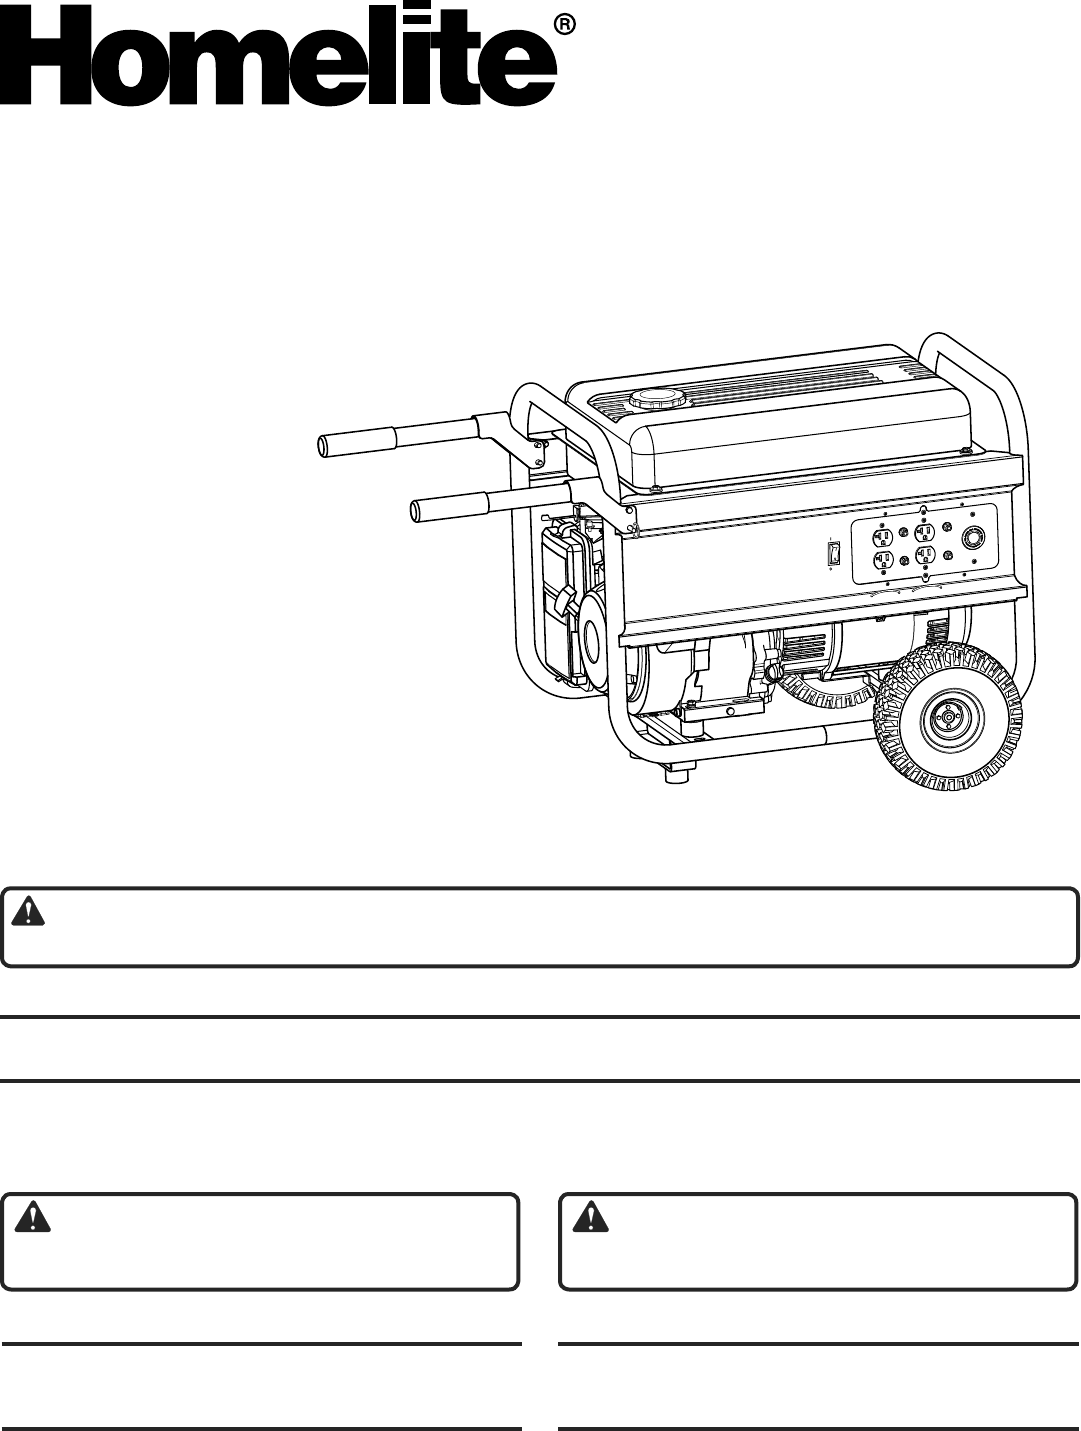 2e0e3285 b36e 4a2e 8697 3a38e8fba243 bg1 homelite portable generator hg5700 user guide manualsonline com homelite lr5500 generator wiring diagram at cos-gaming.co